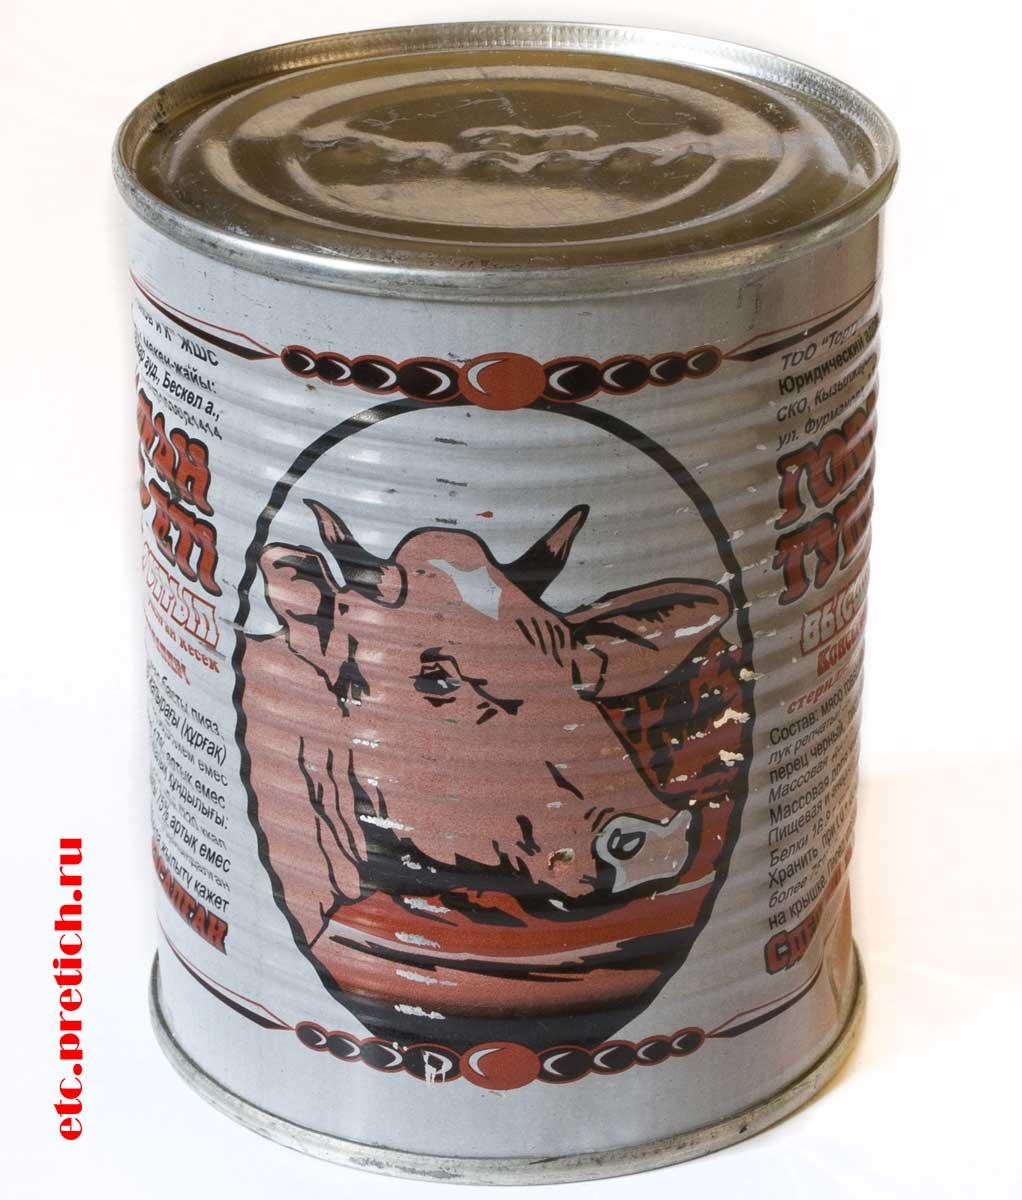 Говядина тушеная - Тортуманов и К отзыв на консервы, плохая!